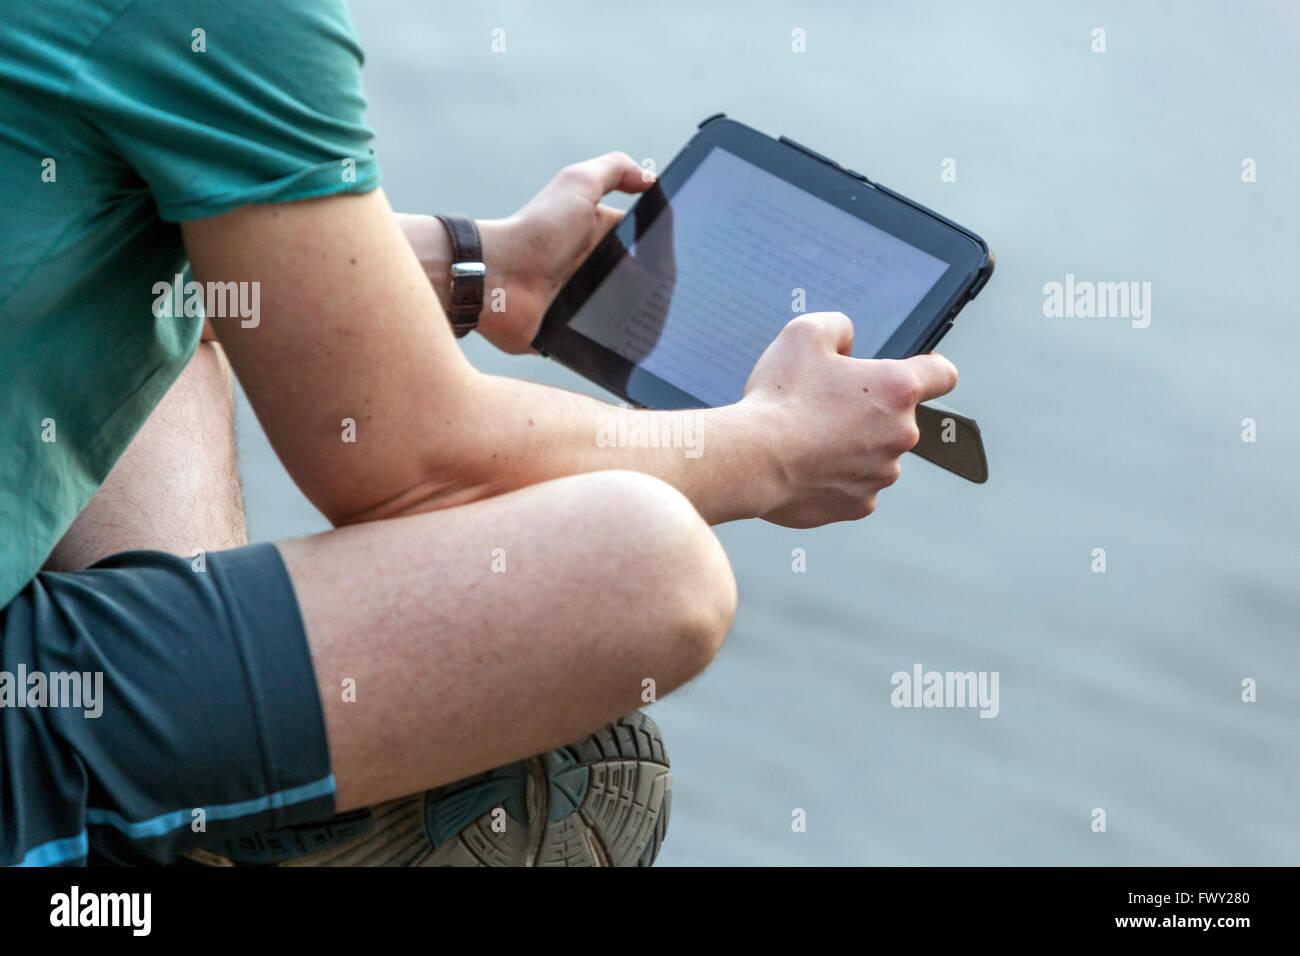 Man looking at digital tablet Photo Stock